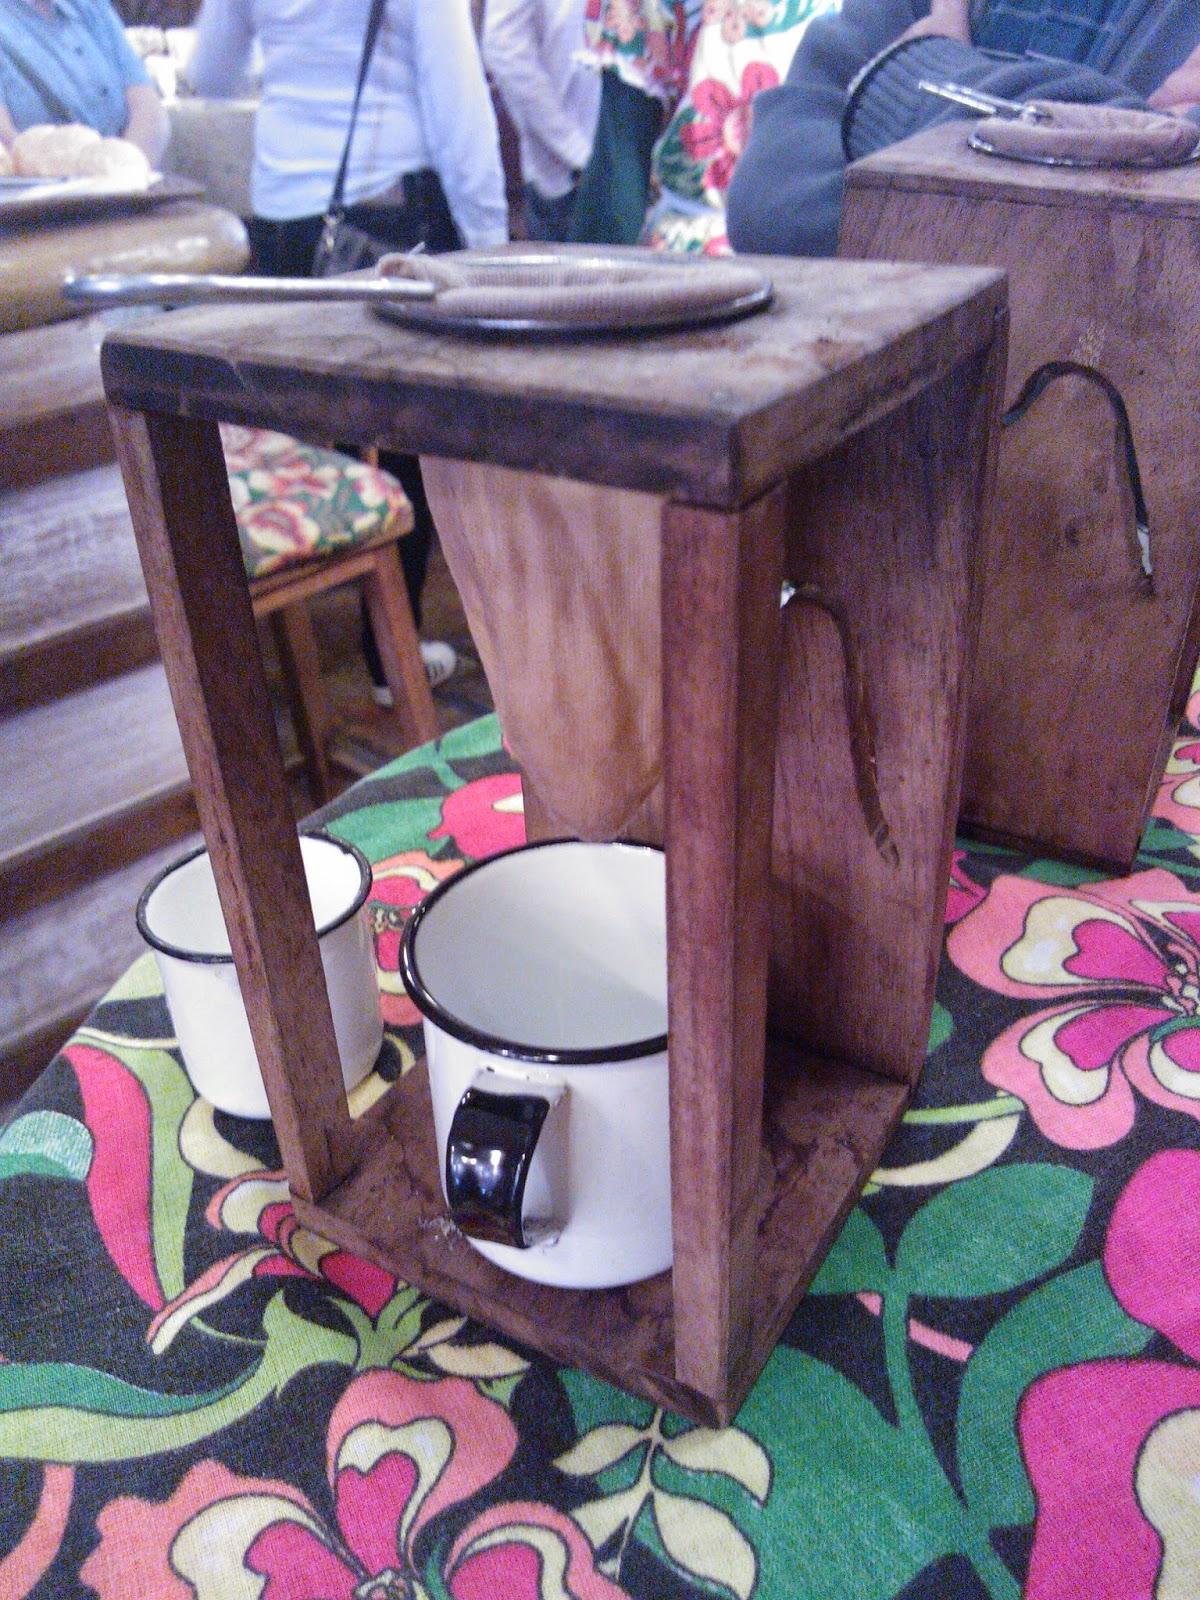 café de coador da loja Doce da Roça - Poços de Caldas - MG